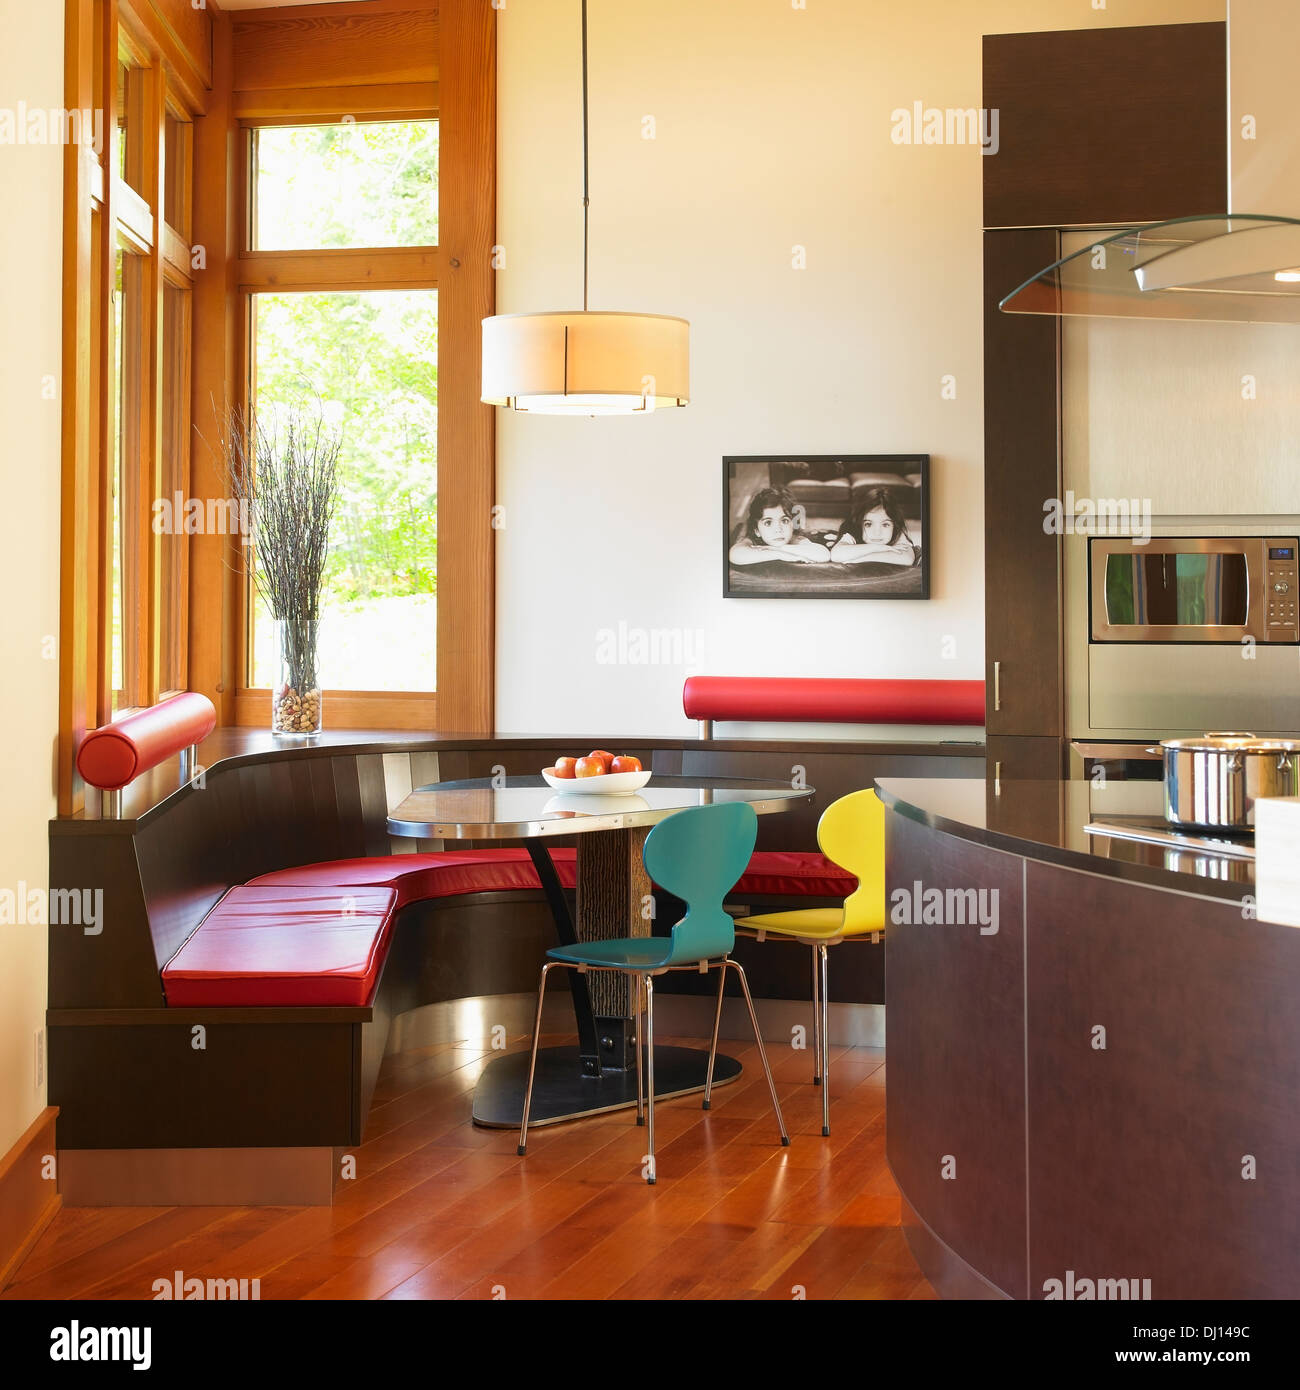 Integrierte Sitzbank In modernen Küche; Victoria, Vancouver Island ...